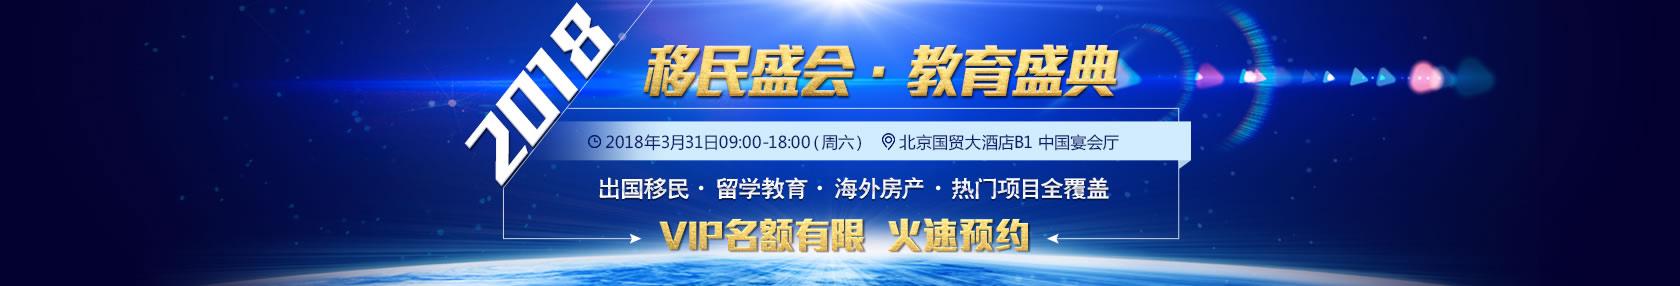 【环球展会】出国移民、留学教育、海外房产全球热门项目盛典-北京站盛大开幕